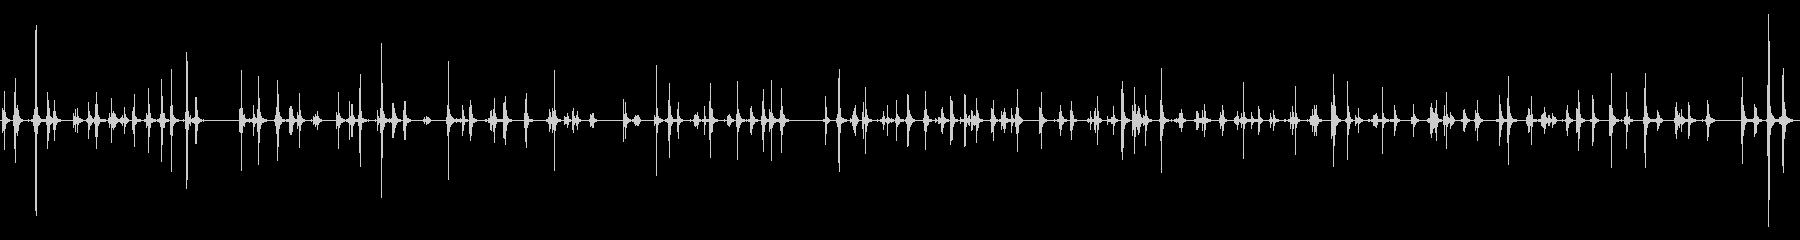 KEY IN MEDIUM ENT...の未再生の波形